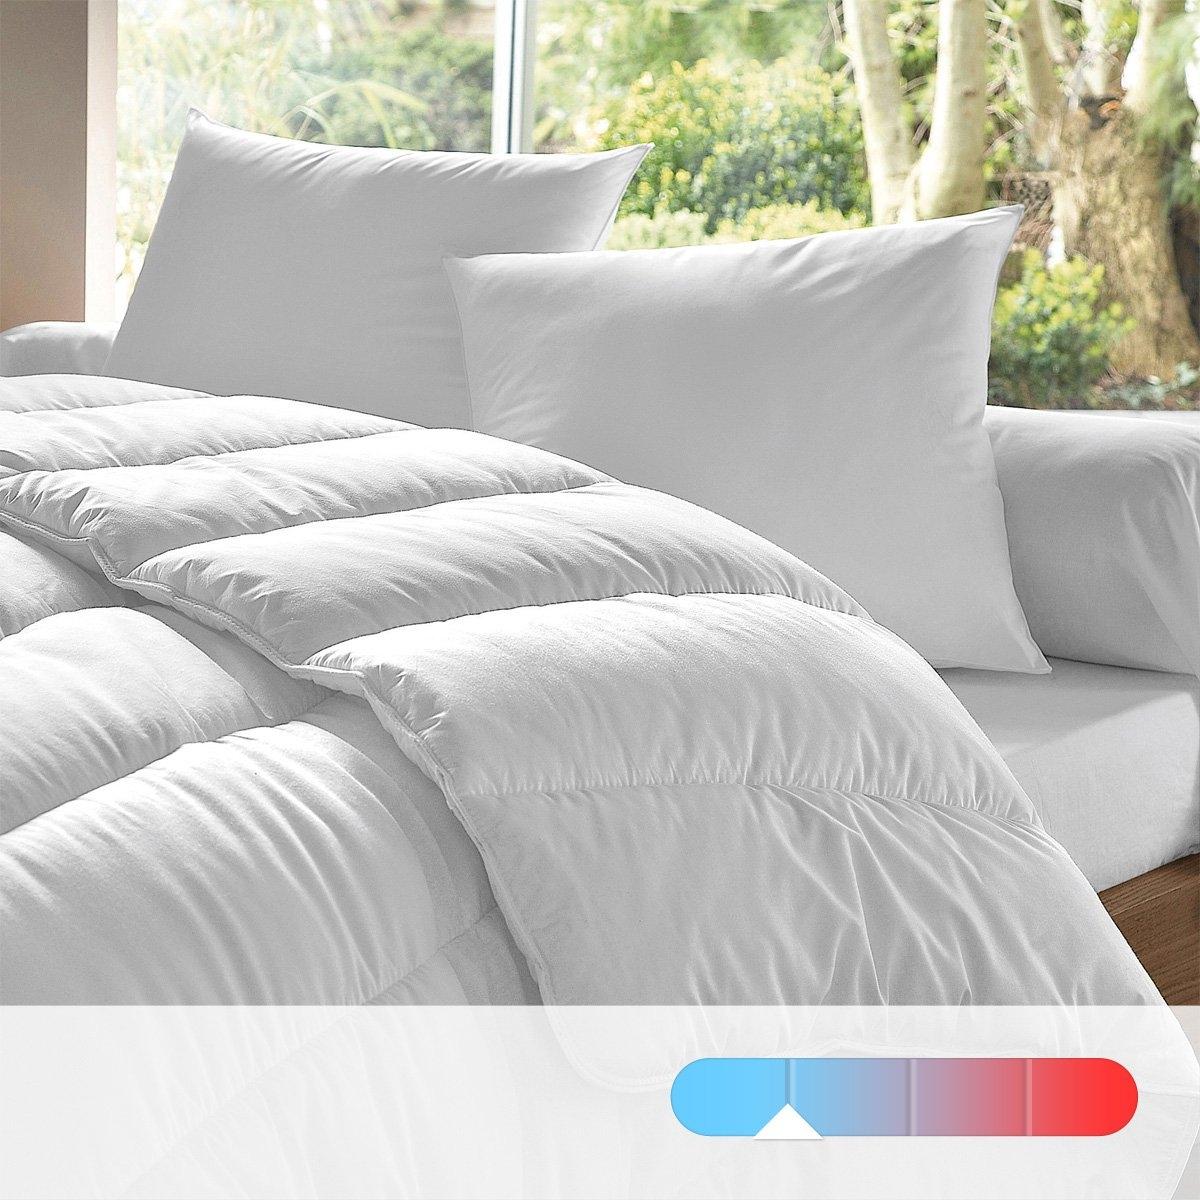 Одеяло из синтетики, 175 г/м?, 100% хлопок, с обработкой против клещейОдеяло DODO 100% полиэстера, полое силиконовое волокно для большего комфорта, с противоклещевой пропиткой (помогает против аллергии дыхательных путей).  175 г/м? : лёгкое одеяло, идеально для отапливаемой комнаты от 20 ° и более.    Чехол из микрофибры 50% хлопка, 50% полиэстера, 80 g/m?, 68 нитей/см?, 100% полиэстера. Биоцидная обработка  .Прострочка в линию. Отделка бейкой с двойной прострочкой для укрепления. Машинная стирка при 60 °С. Поставляется в чехле-чемоданчике.<br><br>Цвет: белый<br>Размер: 75 x 120  см.140 x 200  см